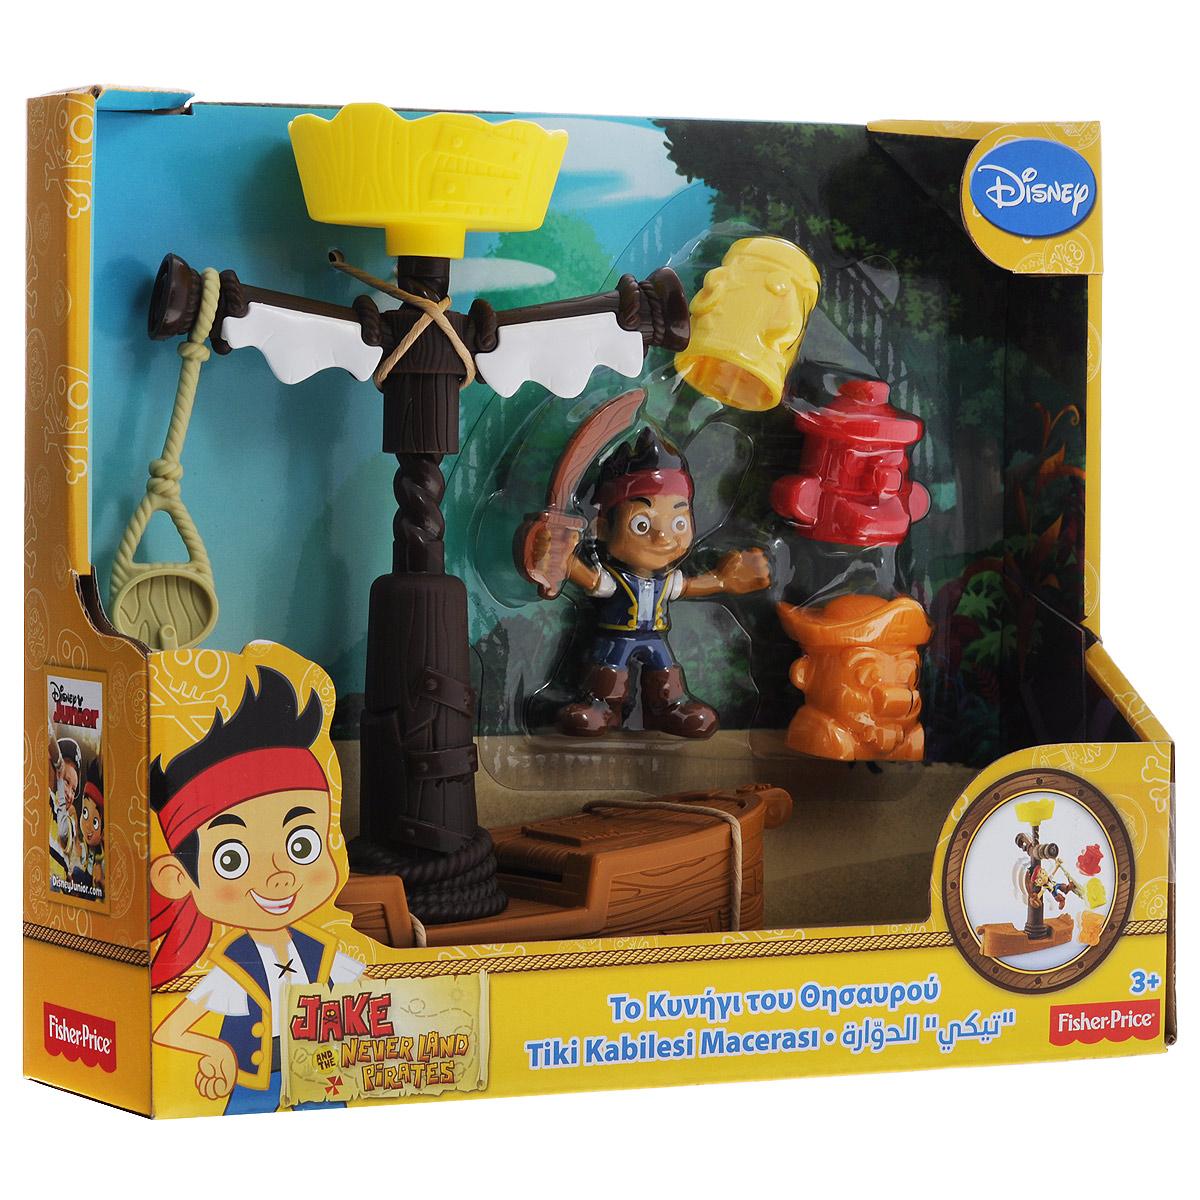 Jake&Neverland Pirates Игровой набор Вращающиеся тикиCCY75/CBC64Игровой набор Jake & Neverland Pirates Вращающиеся тики не позволит скучать вашему непоседе. Он выполнен из безопасного яркого пластика и включает игрушку в виде верхней части судна (палубу с мачтой), фигурку Джейка с мечом в руке и три фигурки в виде голов пиратов. Вращающаяся верхняя часть мачты оснащена веревкой с крюком. На веревку можно установить фигурку Джека. В палубе имеется открывающийся отсек. Ваш ребенок с удовольствием будет играть вместе с любимым героем, придумывая увлекательные истории. Порадуйте его таким замечательным подарком!